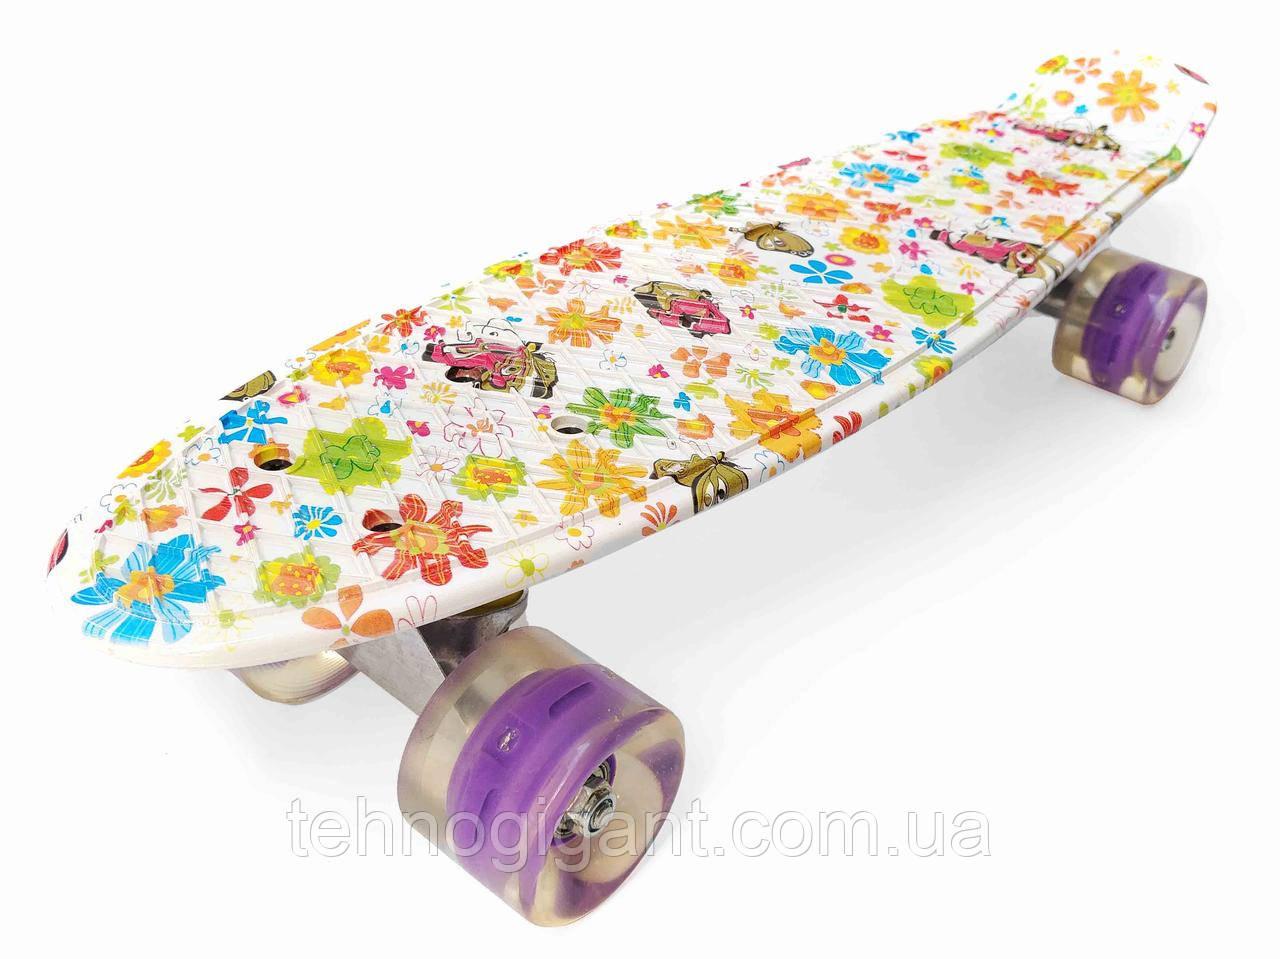 Скейт Penny Board, с широкими светящимися колесами Пенни борд, детский , от 4 лет, расцветка Ромашки